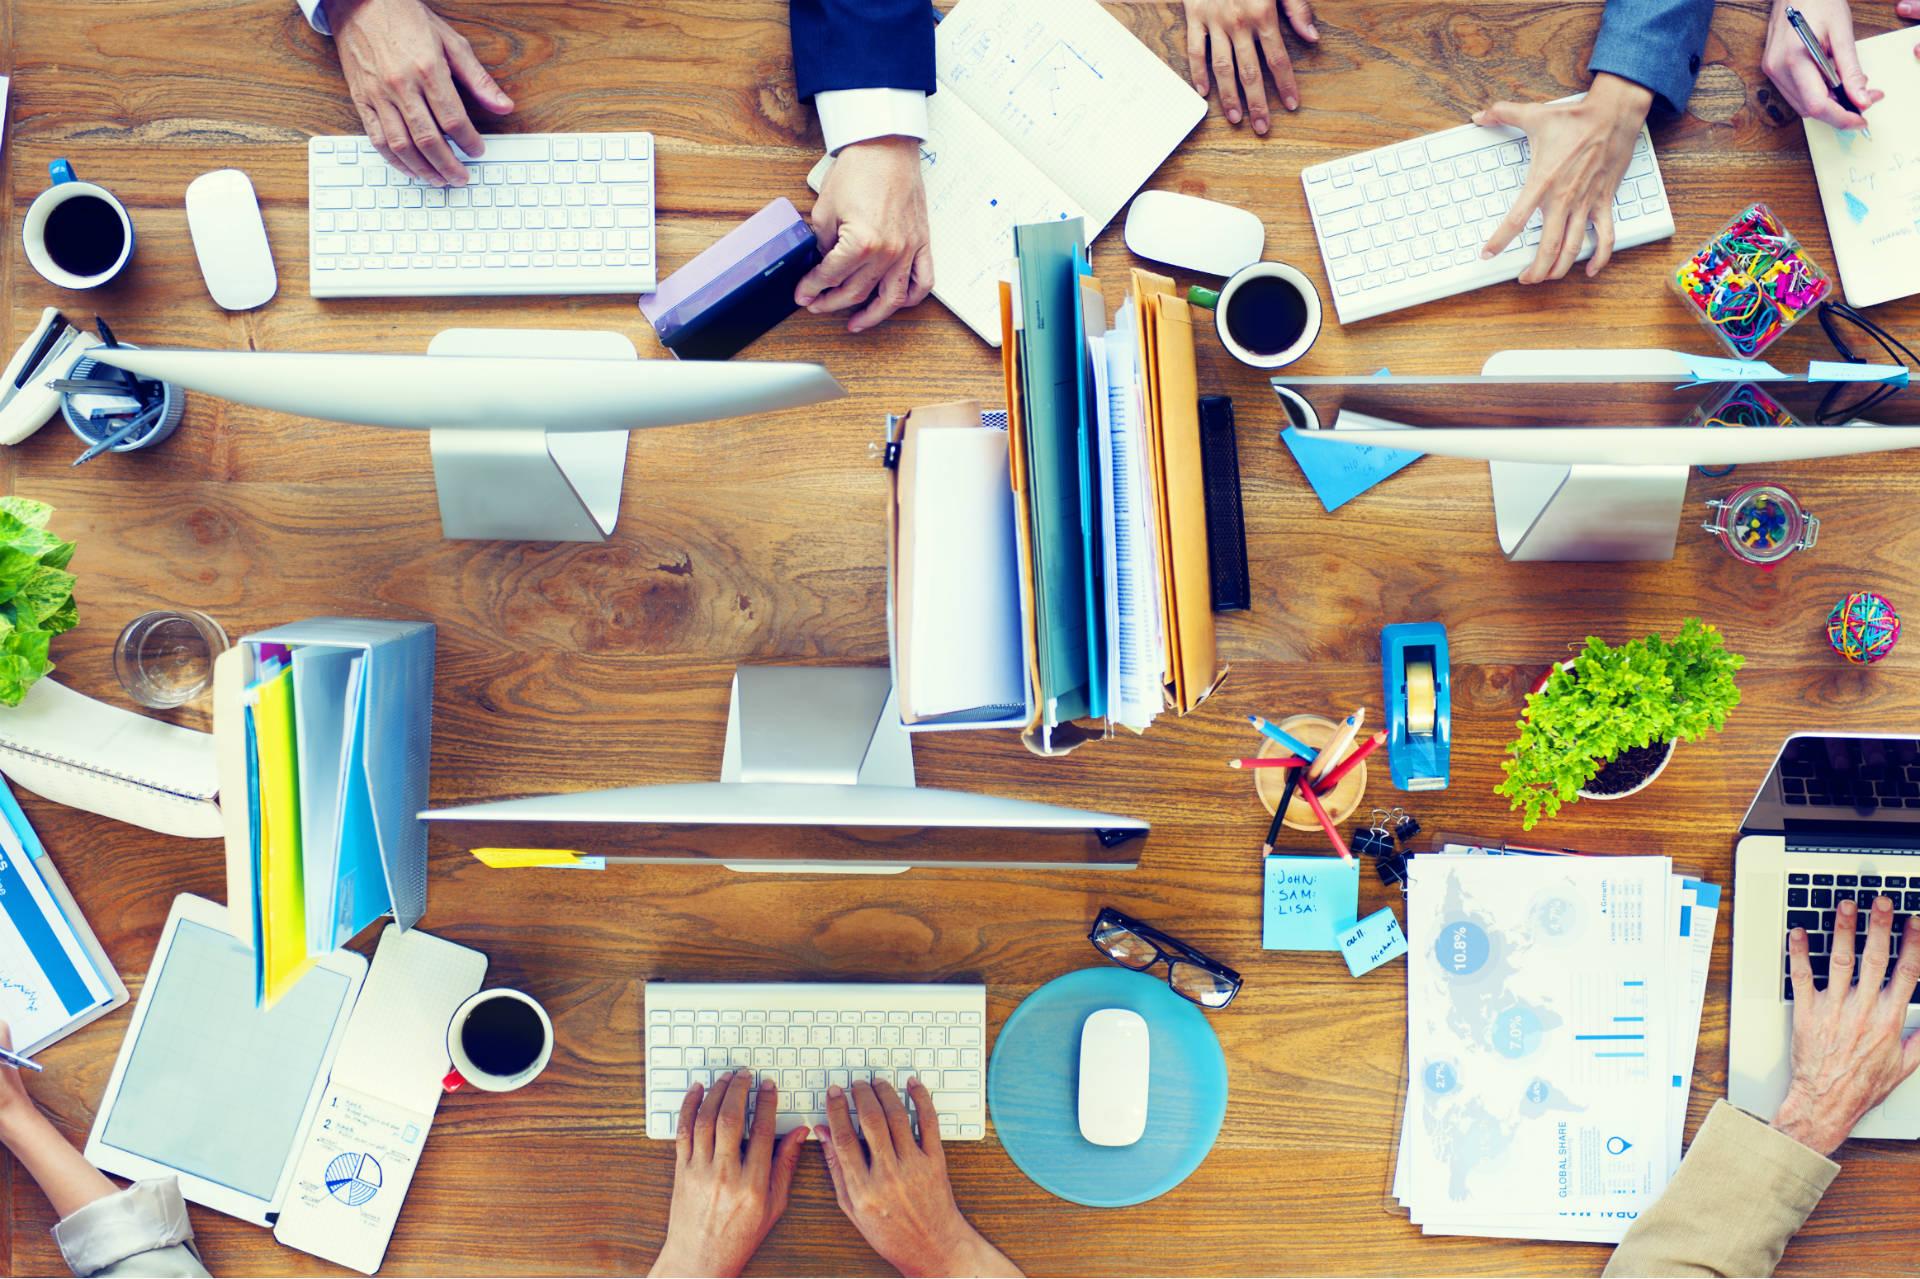 想提高工作效率?用辦公室空間巧妙增進團隊互動